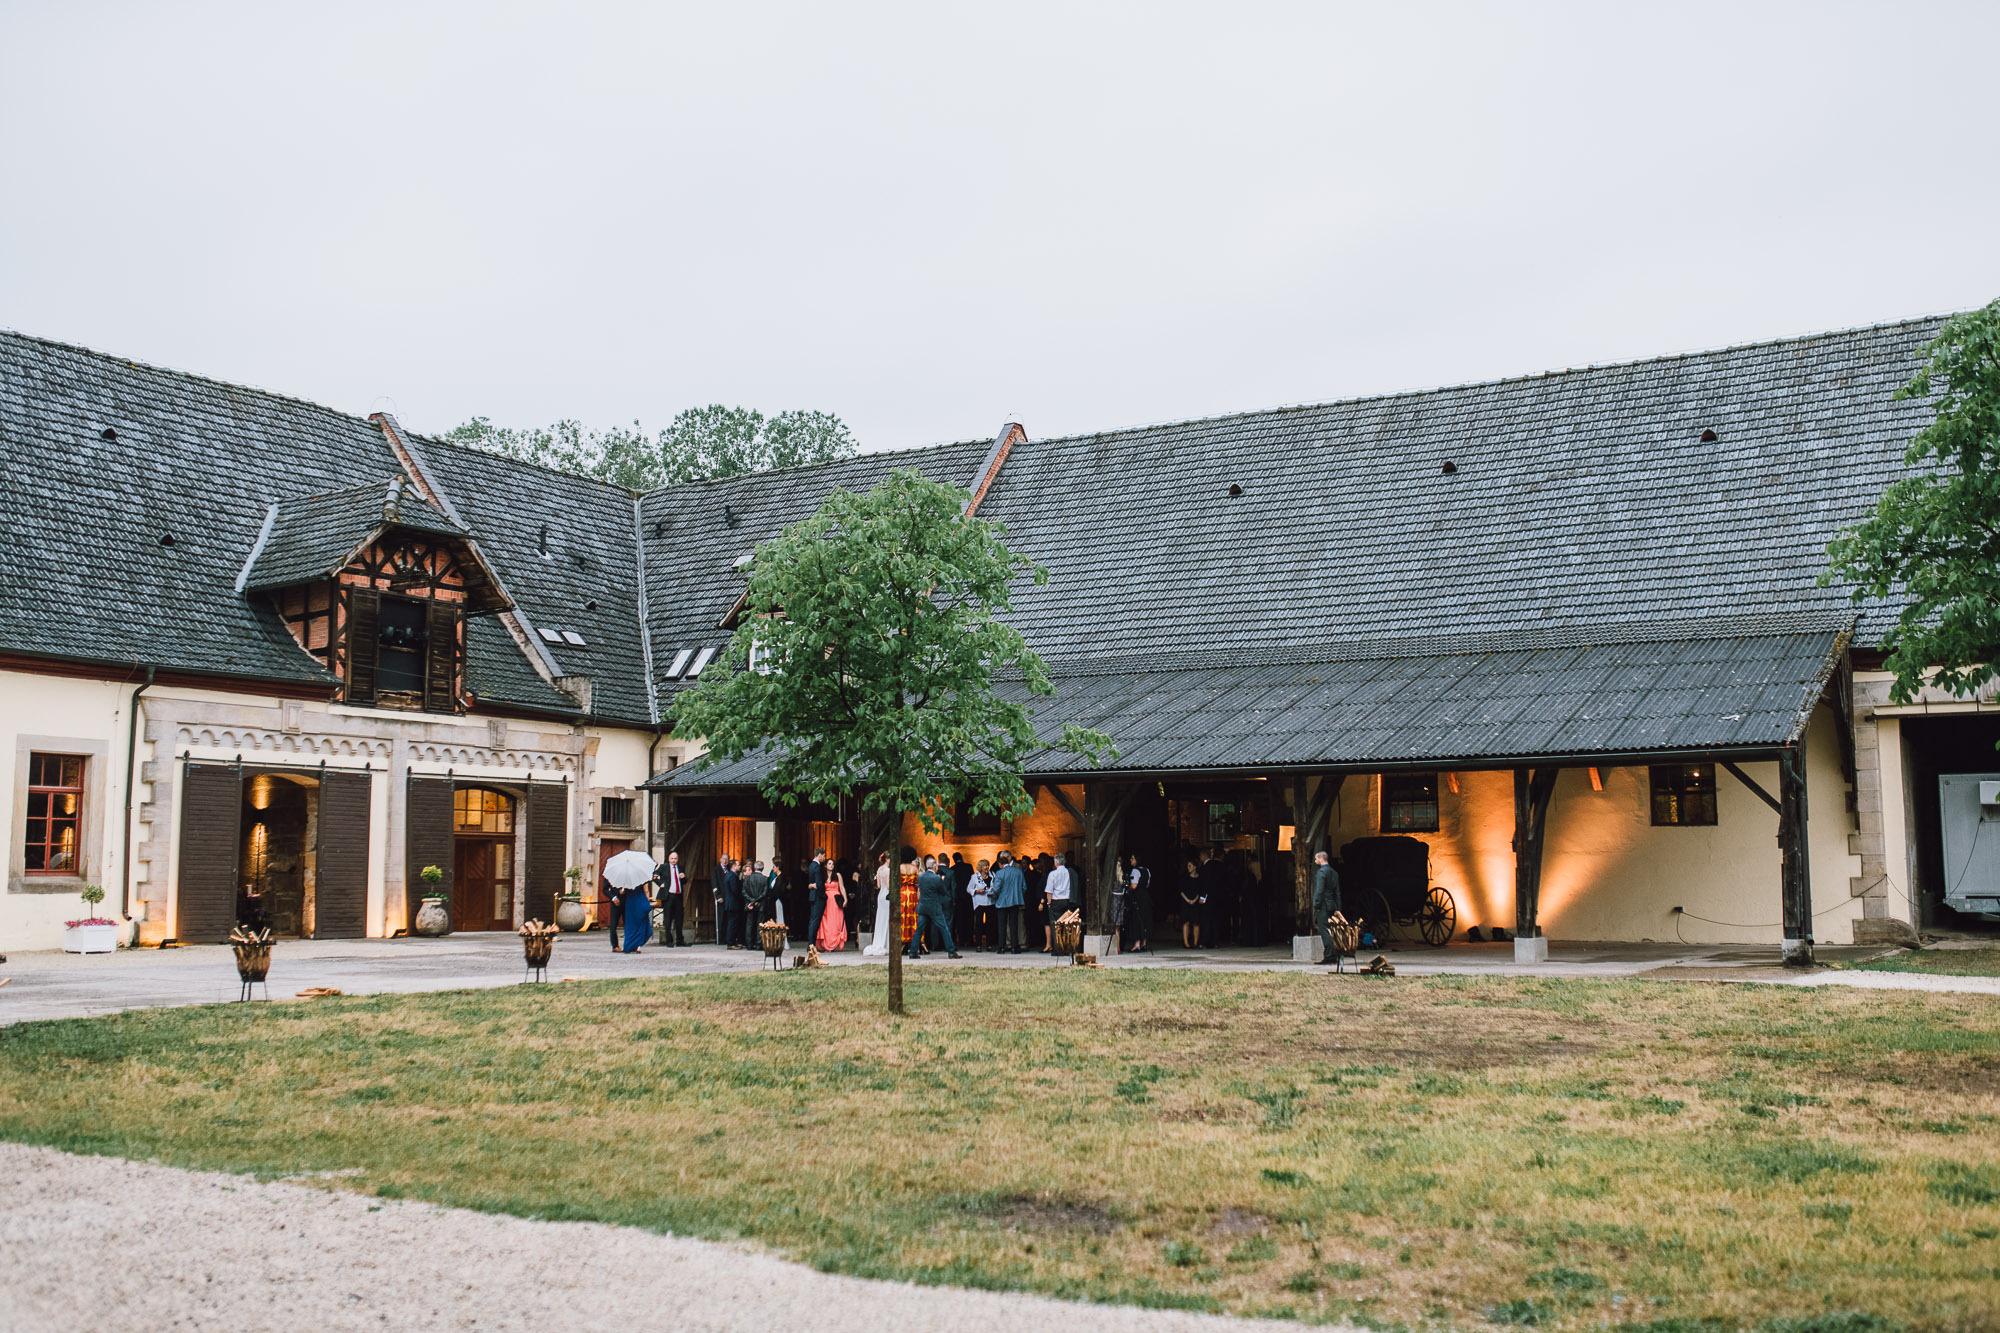 rustic-elegant-wedding-schloss-hochzeit-eyrichshof-franken-bamberg-108